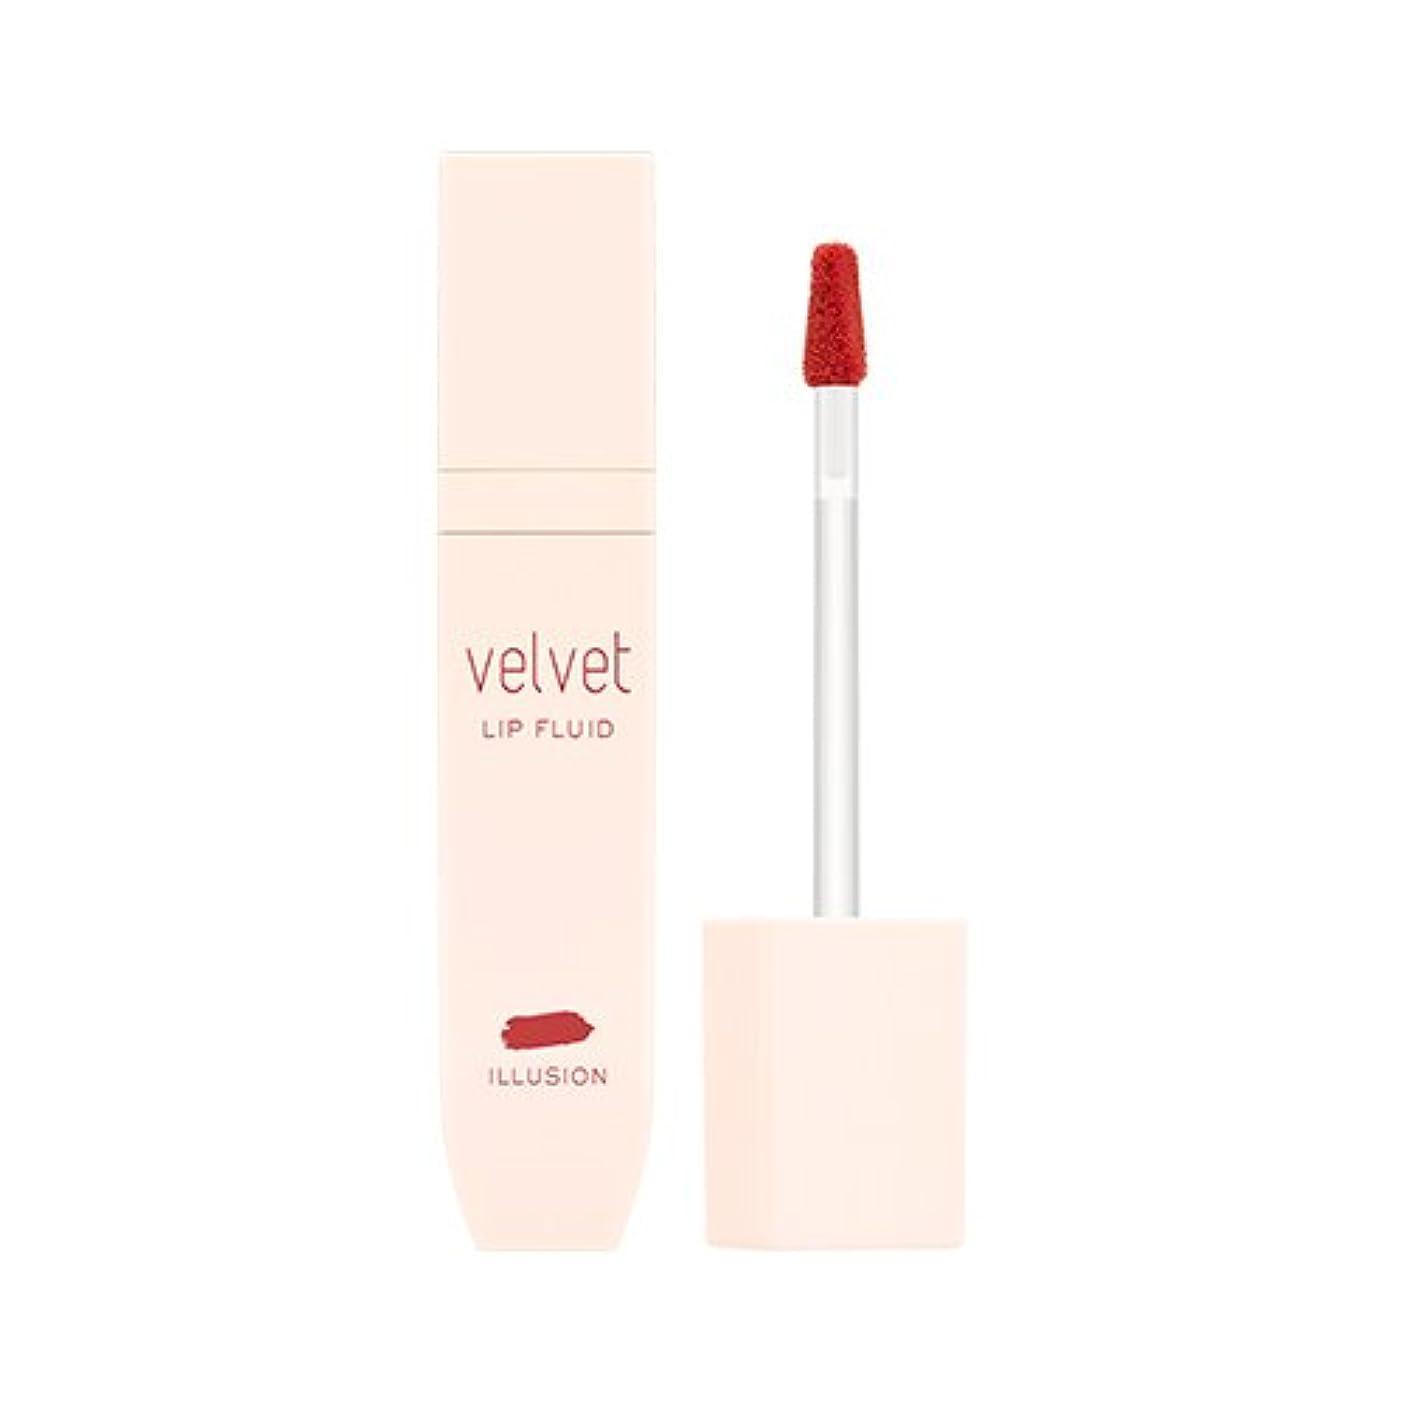 失敗定説尊敬MISSHA Velvet Lip Fluid #Illusion / ミシャ ベルベットリップフルイド #イリュージョン [並行輸入品]